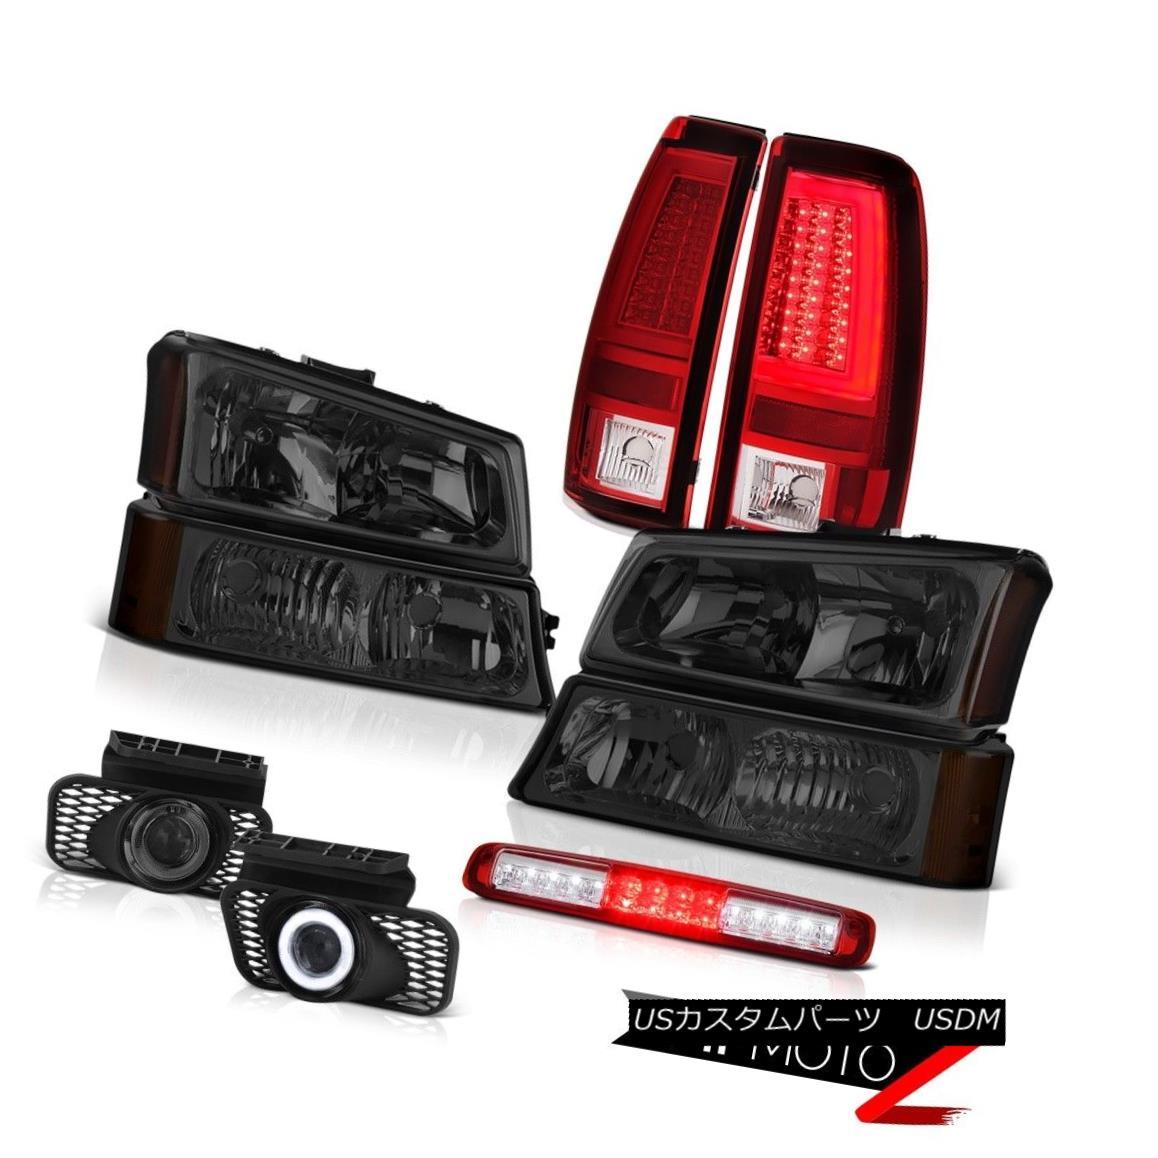 テールライト 03 04 05 06 Silverado 1500 Taillights Smoked Headlamps High Stop Light Foglamps 03 04 05 06 Silverado 1500テールライトスモークヘッドランプハイストップライトフォグランプ